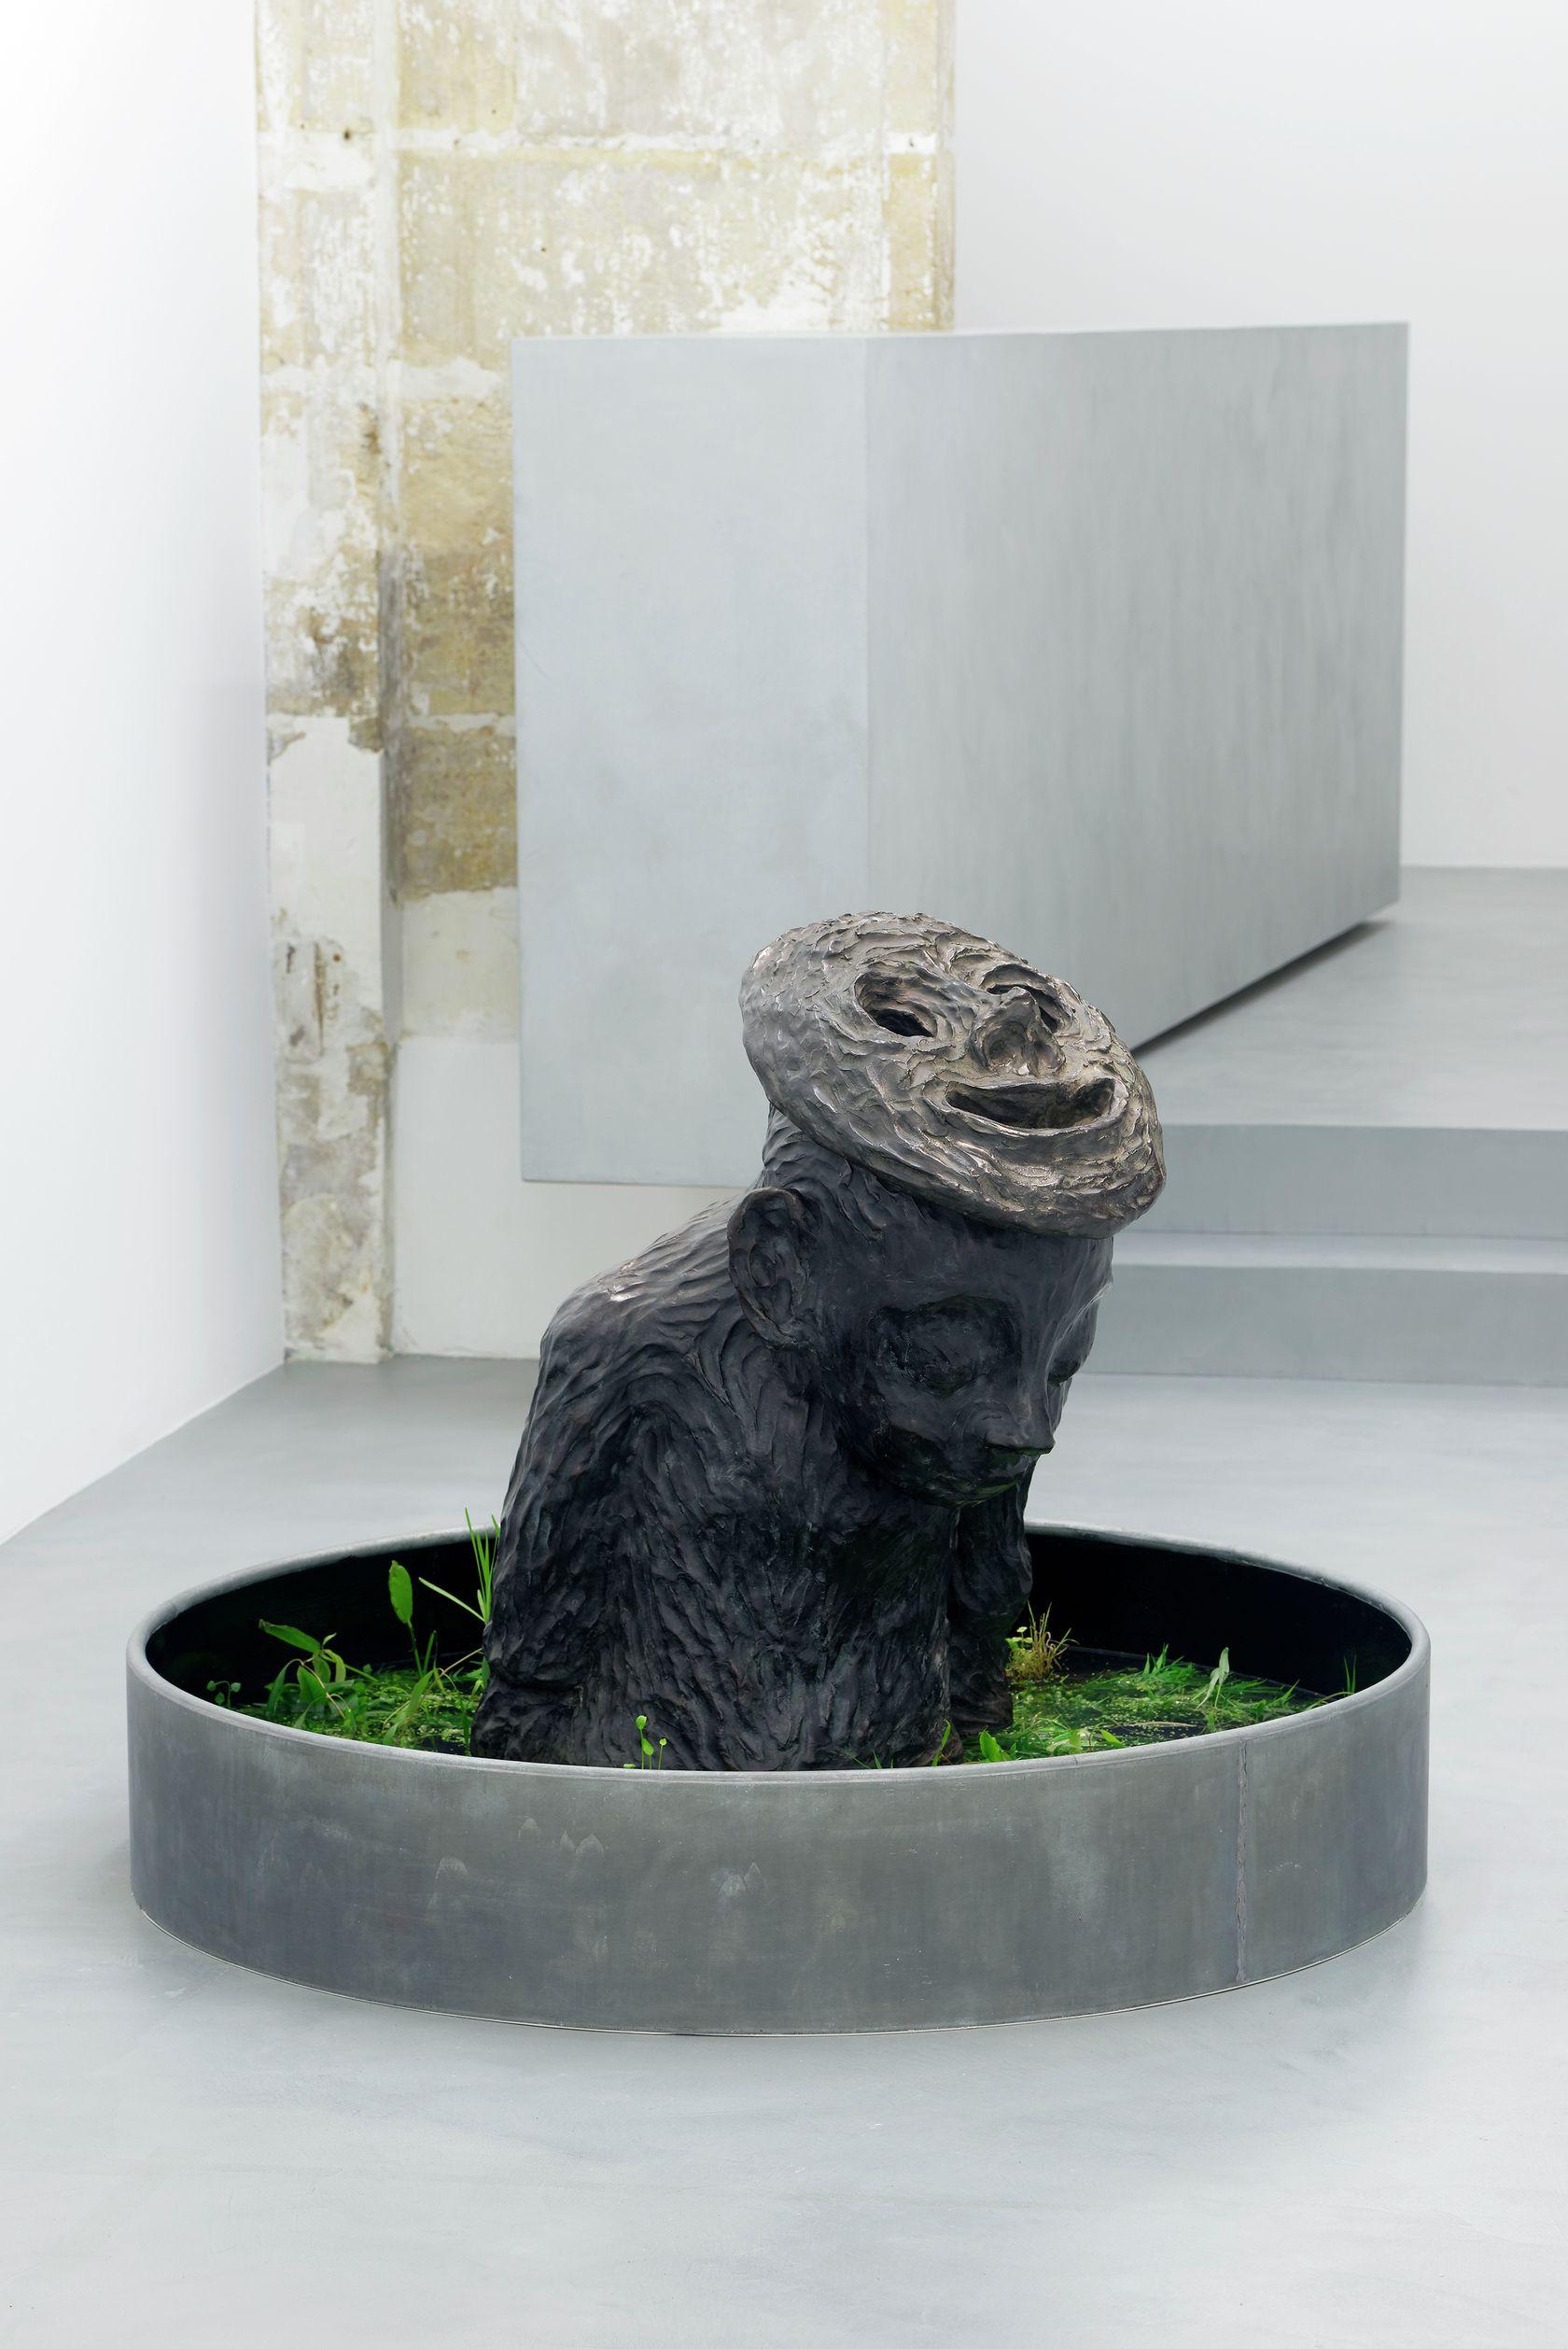 Françoise Pétrovitch, Île, 2016 Bronze et bassin en zinc végétalisé - Édition de 5 + 2 EA95 × 130 cm / 37 3/8 × 51 1/8 in.